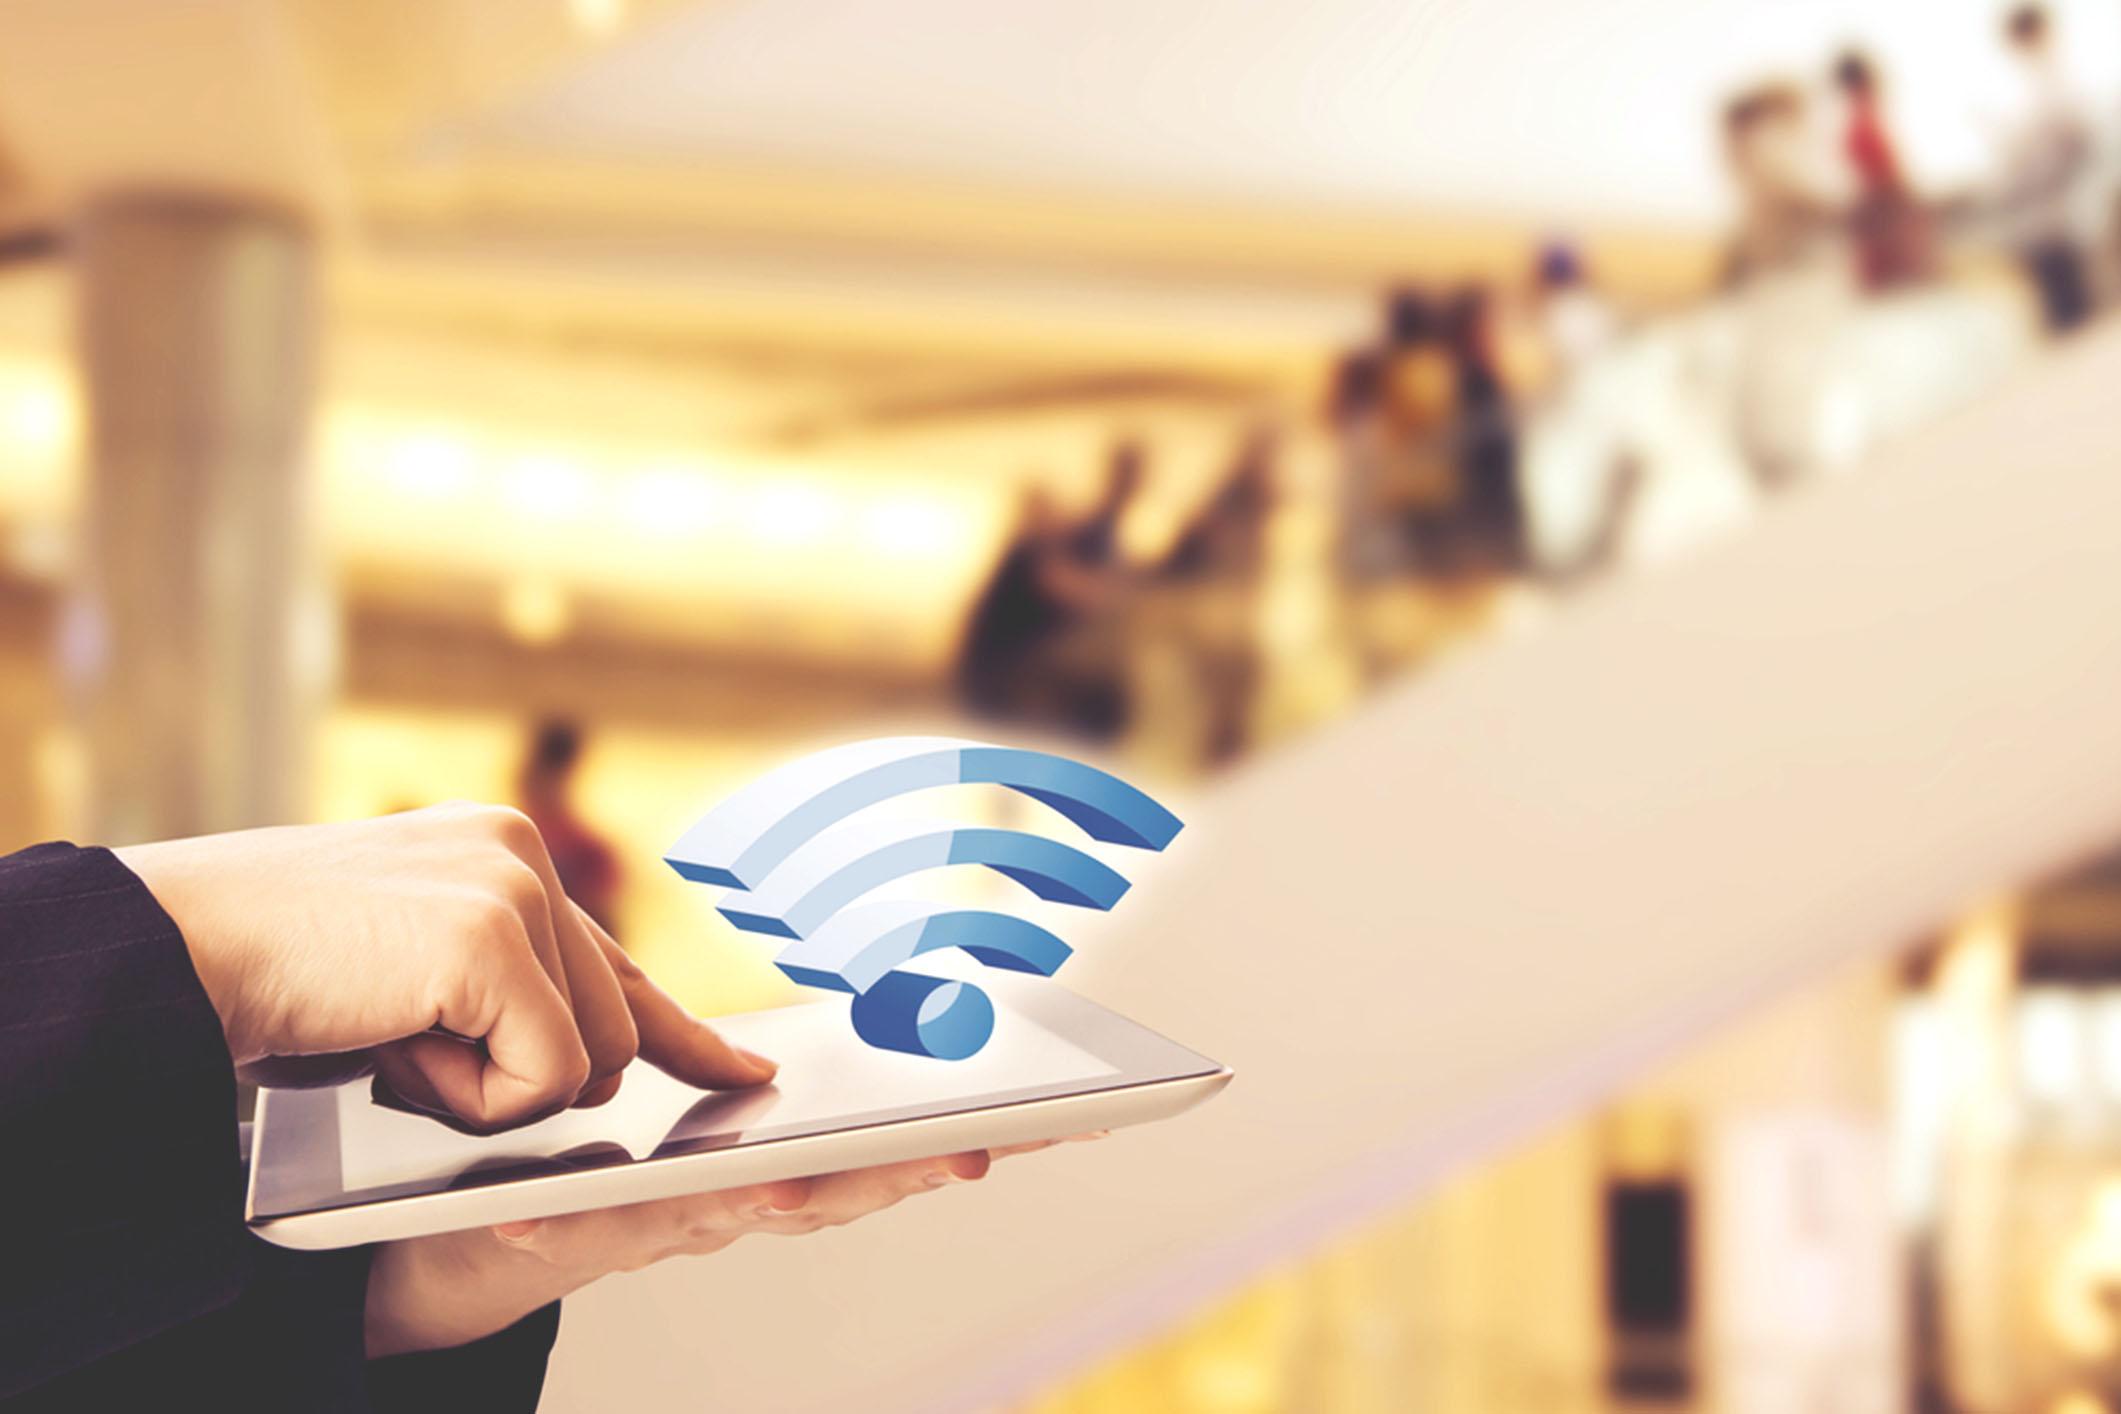 les commerçants ont changé leurs habitudes et recourent davantage à la technologie WiFi